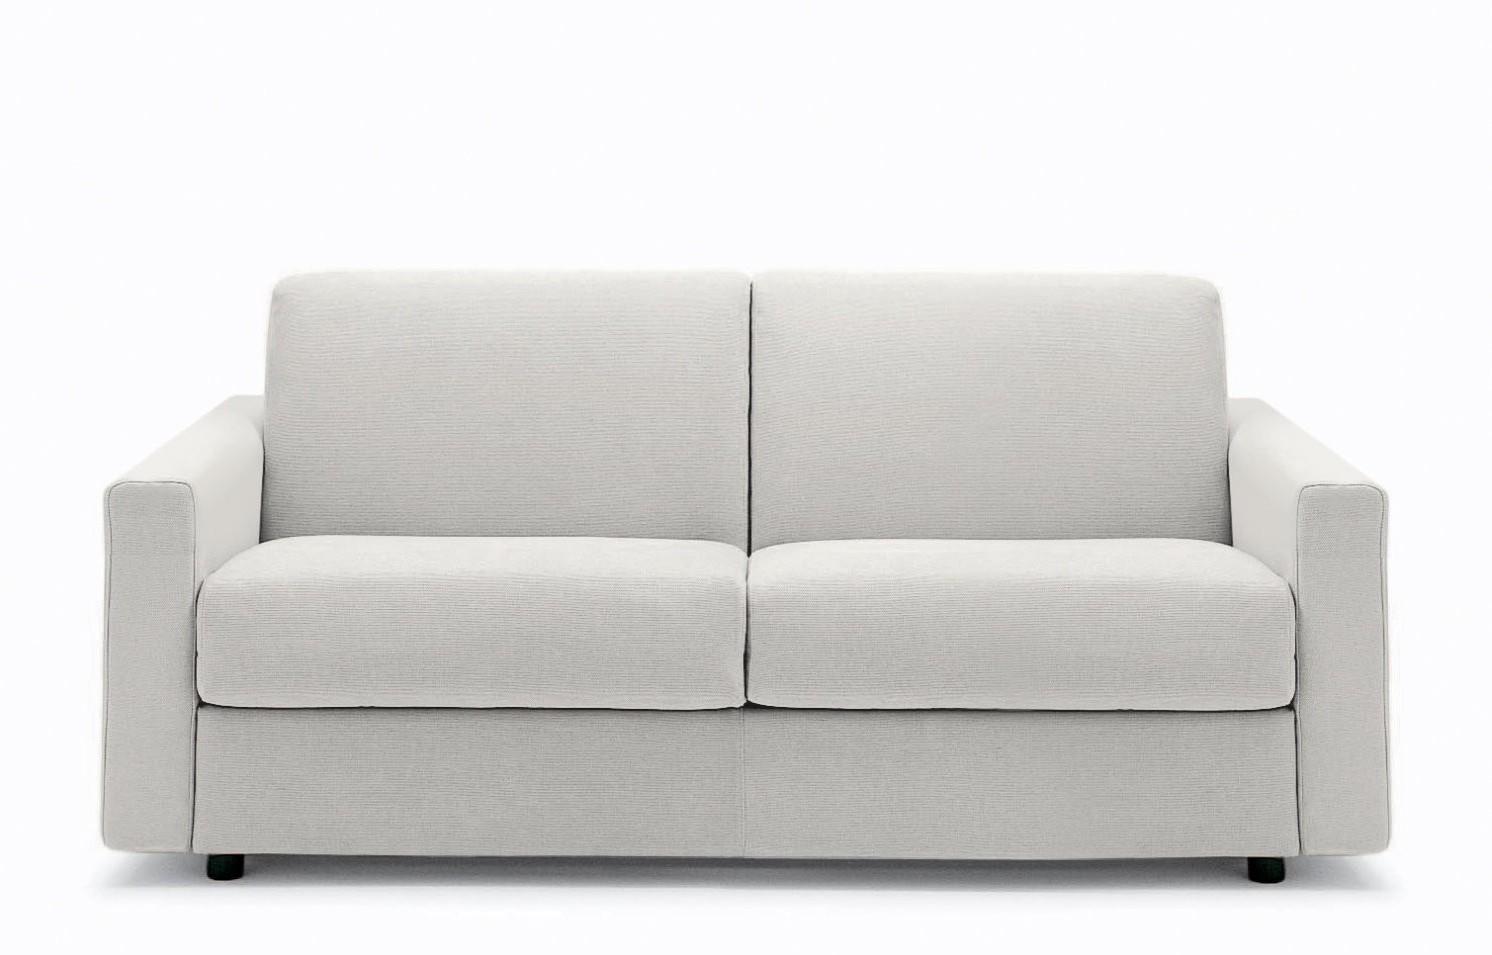 Divano letto lampo offerta divani a prezzi scontati for Divani offerta mondo convenienza